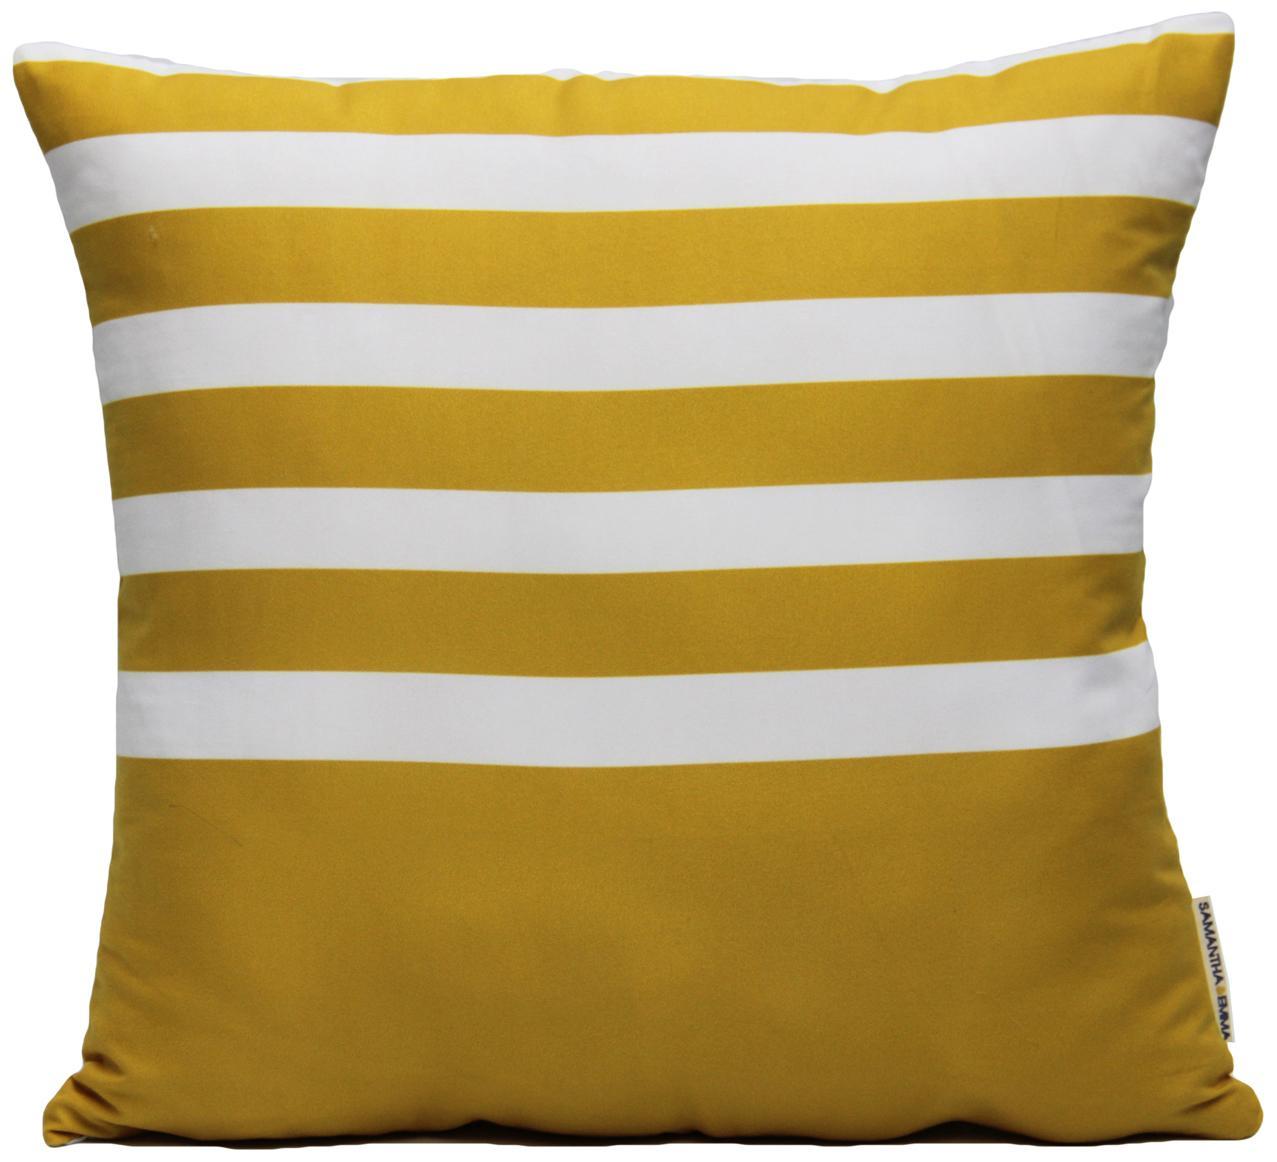 Federa arredo a righe Ela, Poliestere, Bianco, giallo, Larg. 40 x Lung. 40 cm